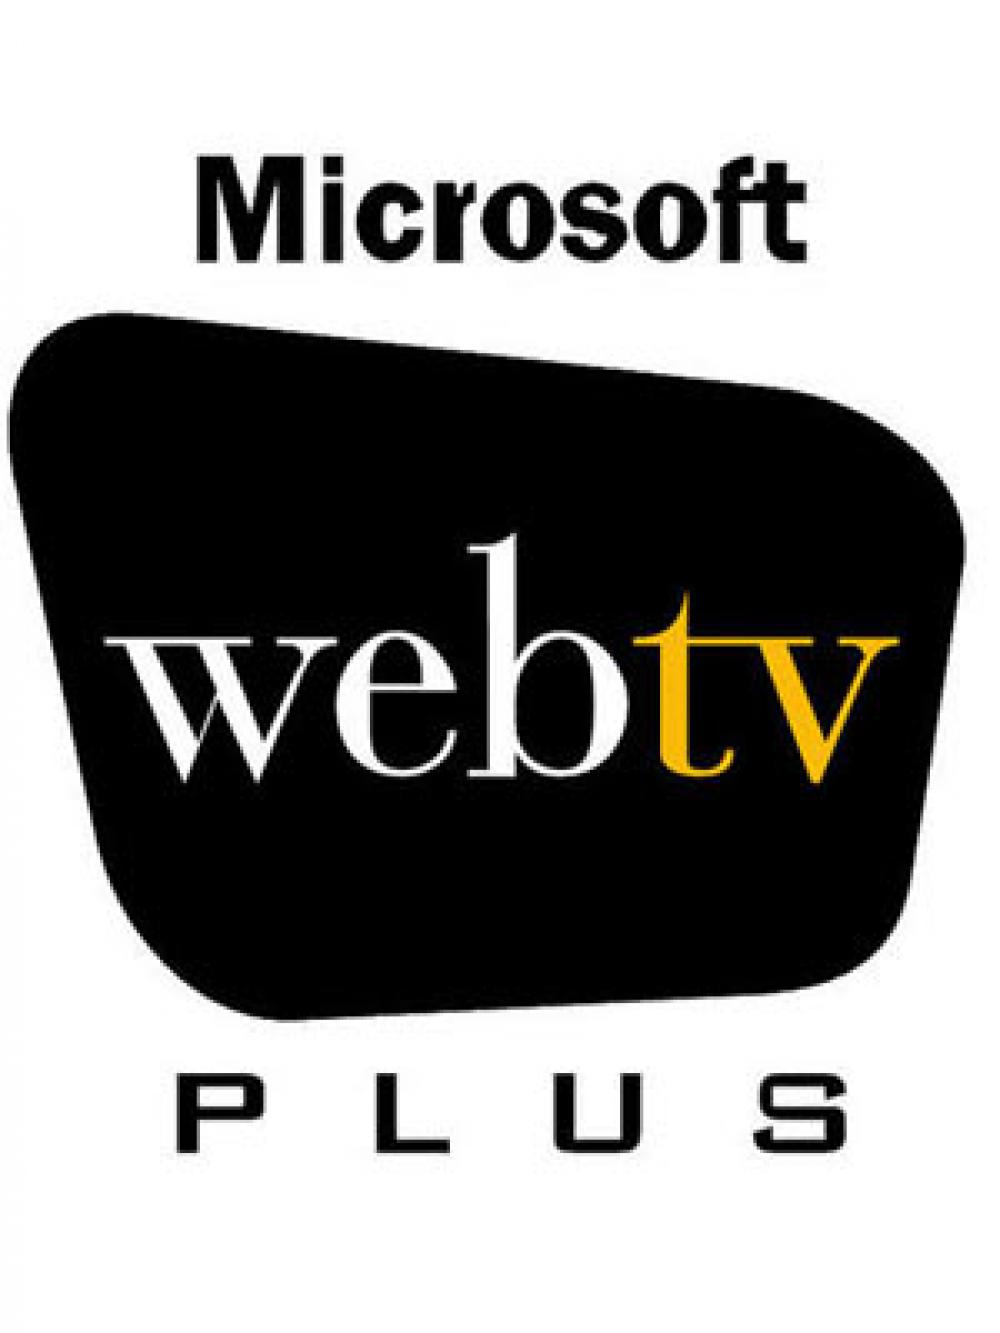 Εκτός τηλεόρασης η Microsoft